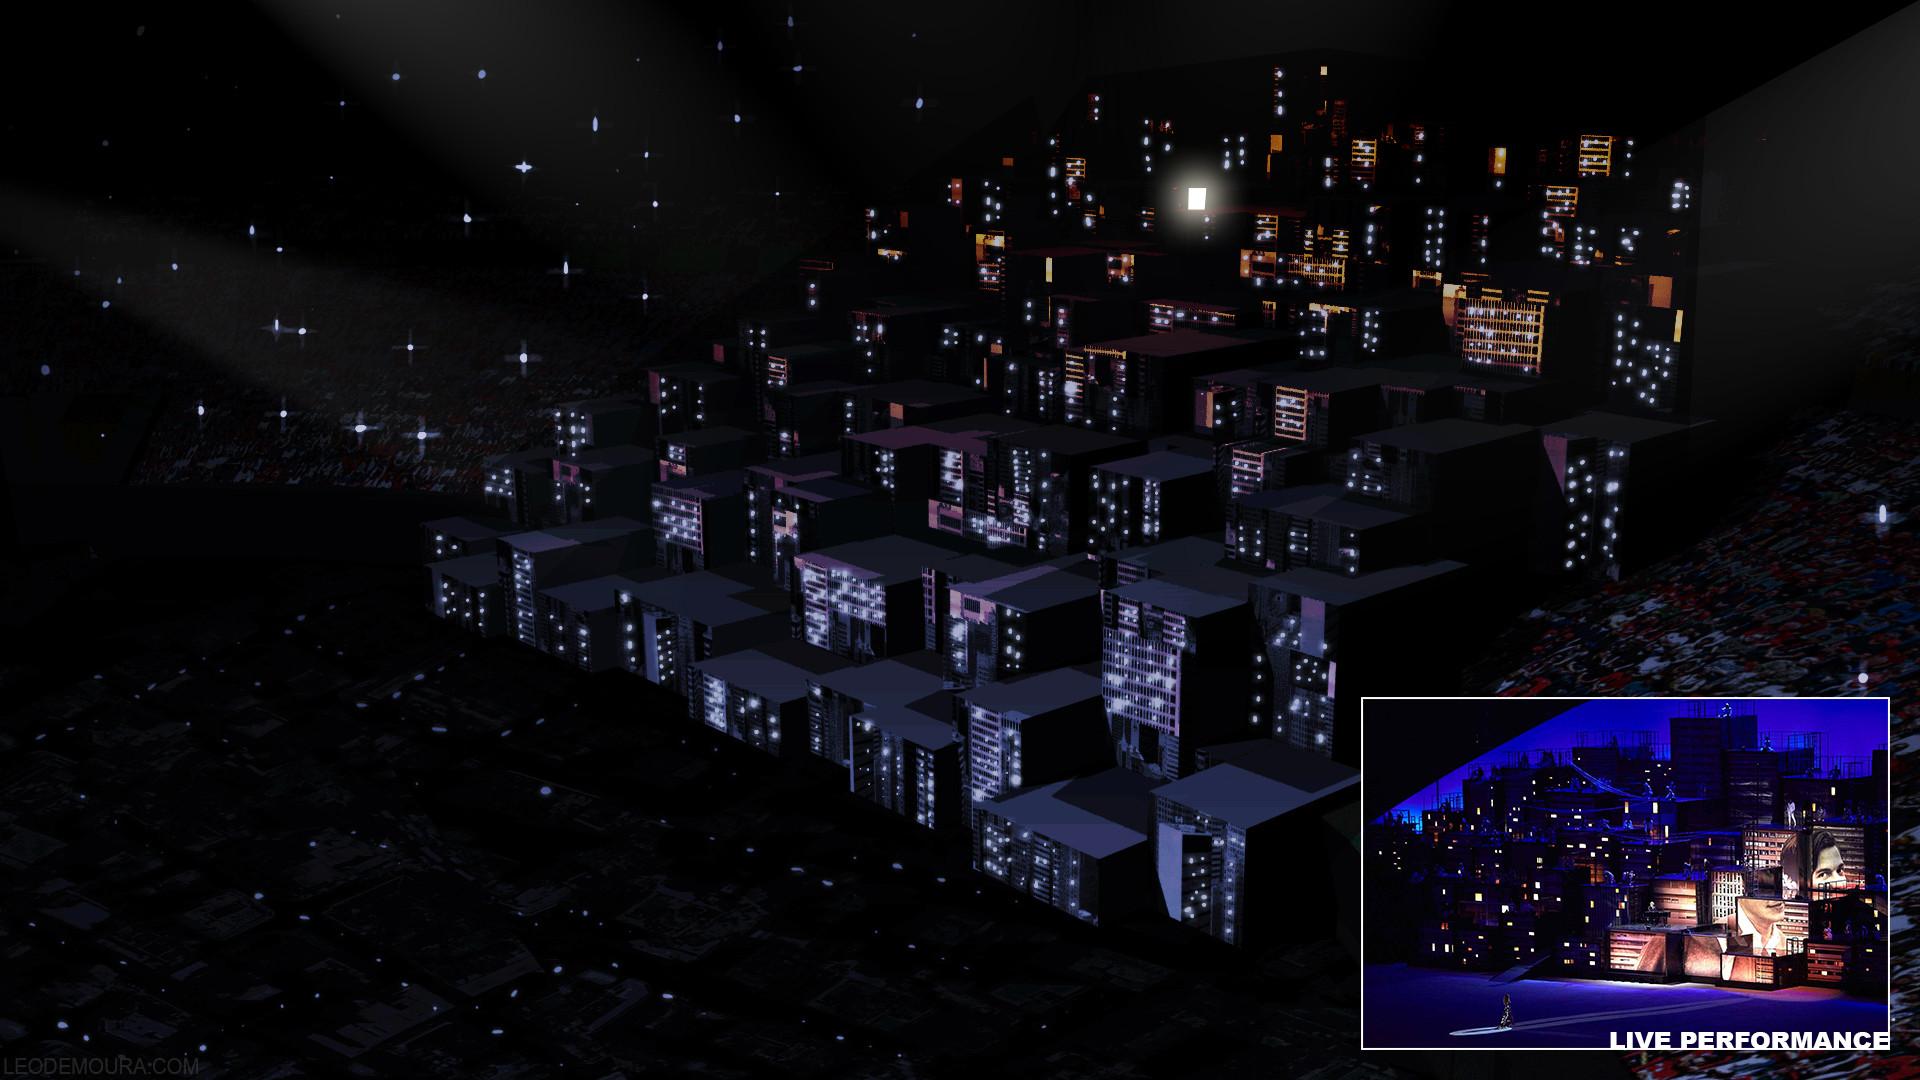 Leonardo de moura 01 box city urbana noturna